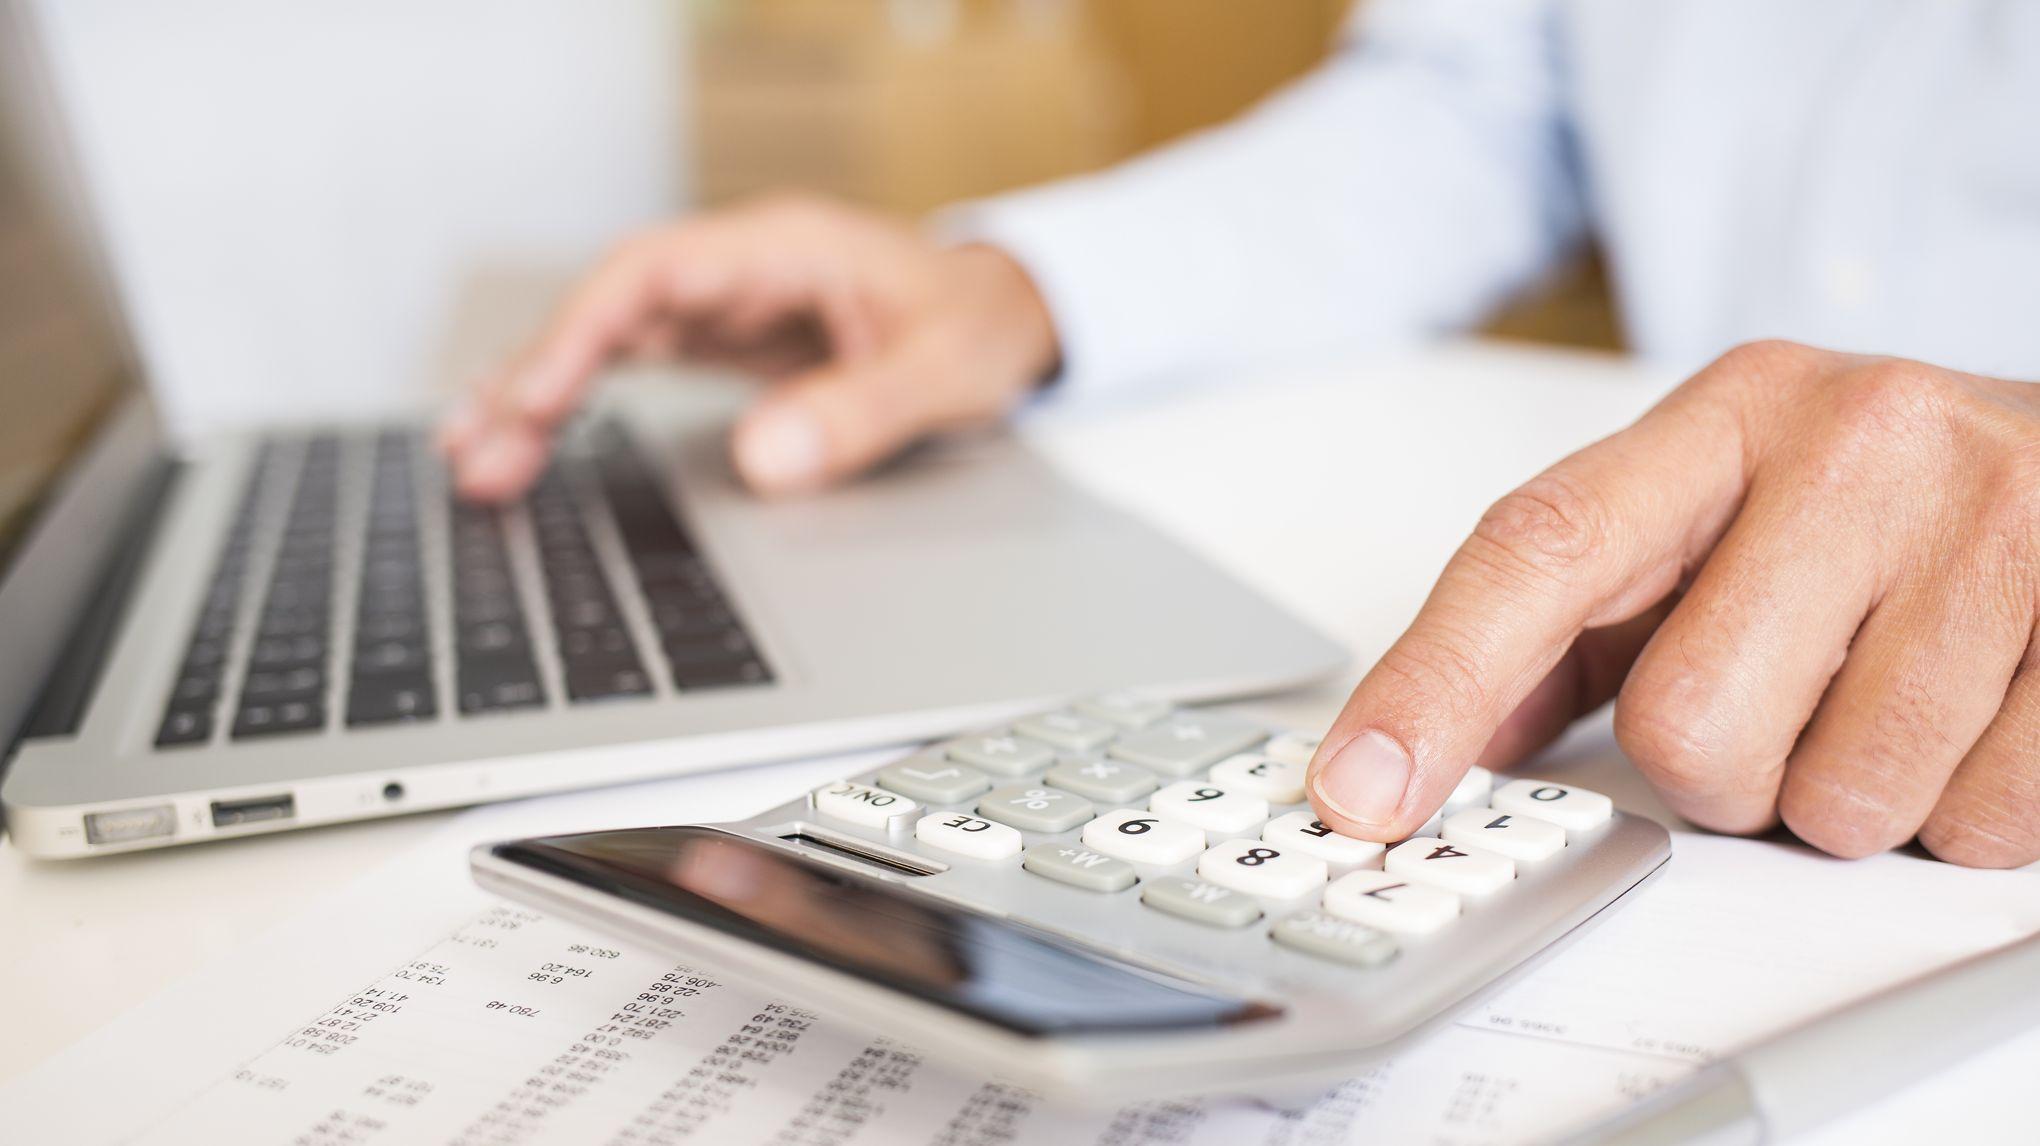 Défiscalisation Pinel: ce que change le plafonnement à 10% de la rémunération des vendeurs